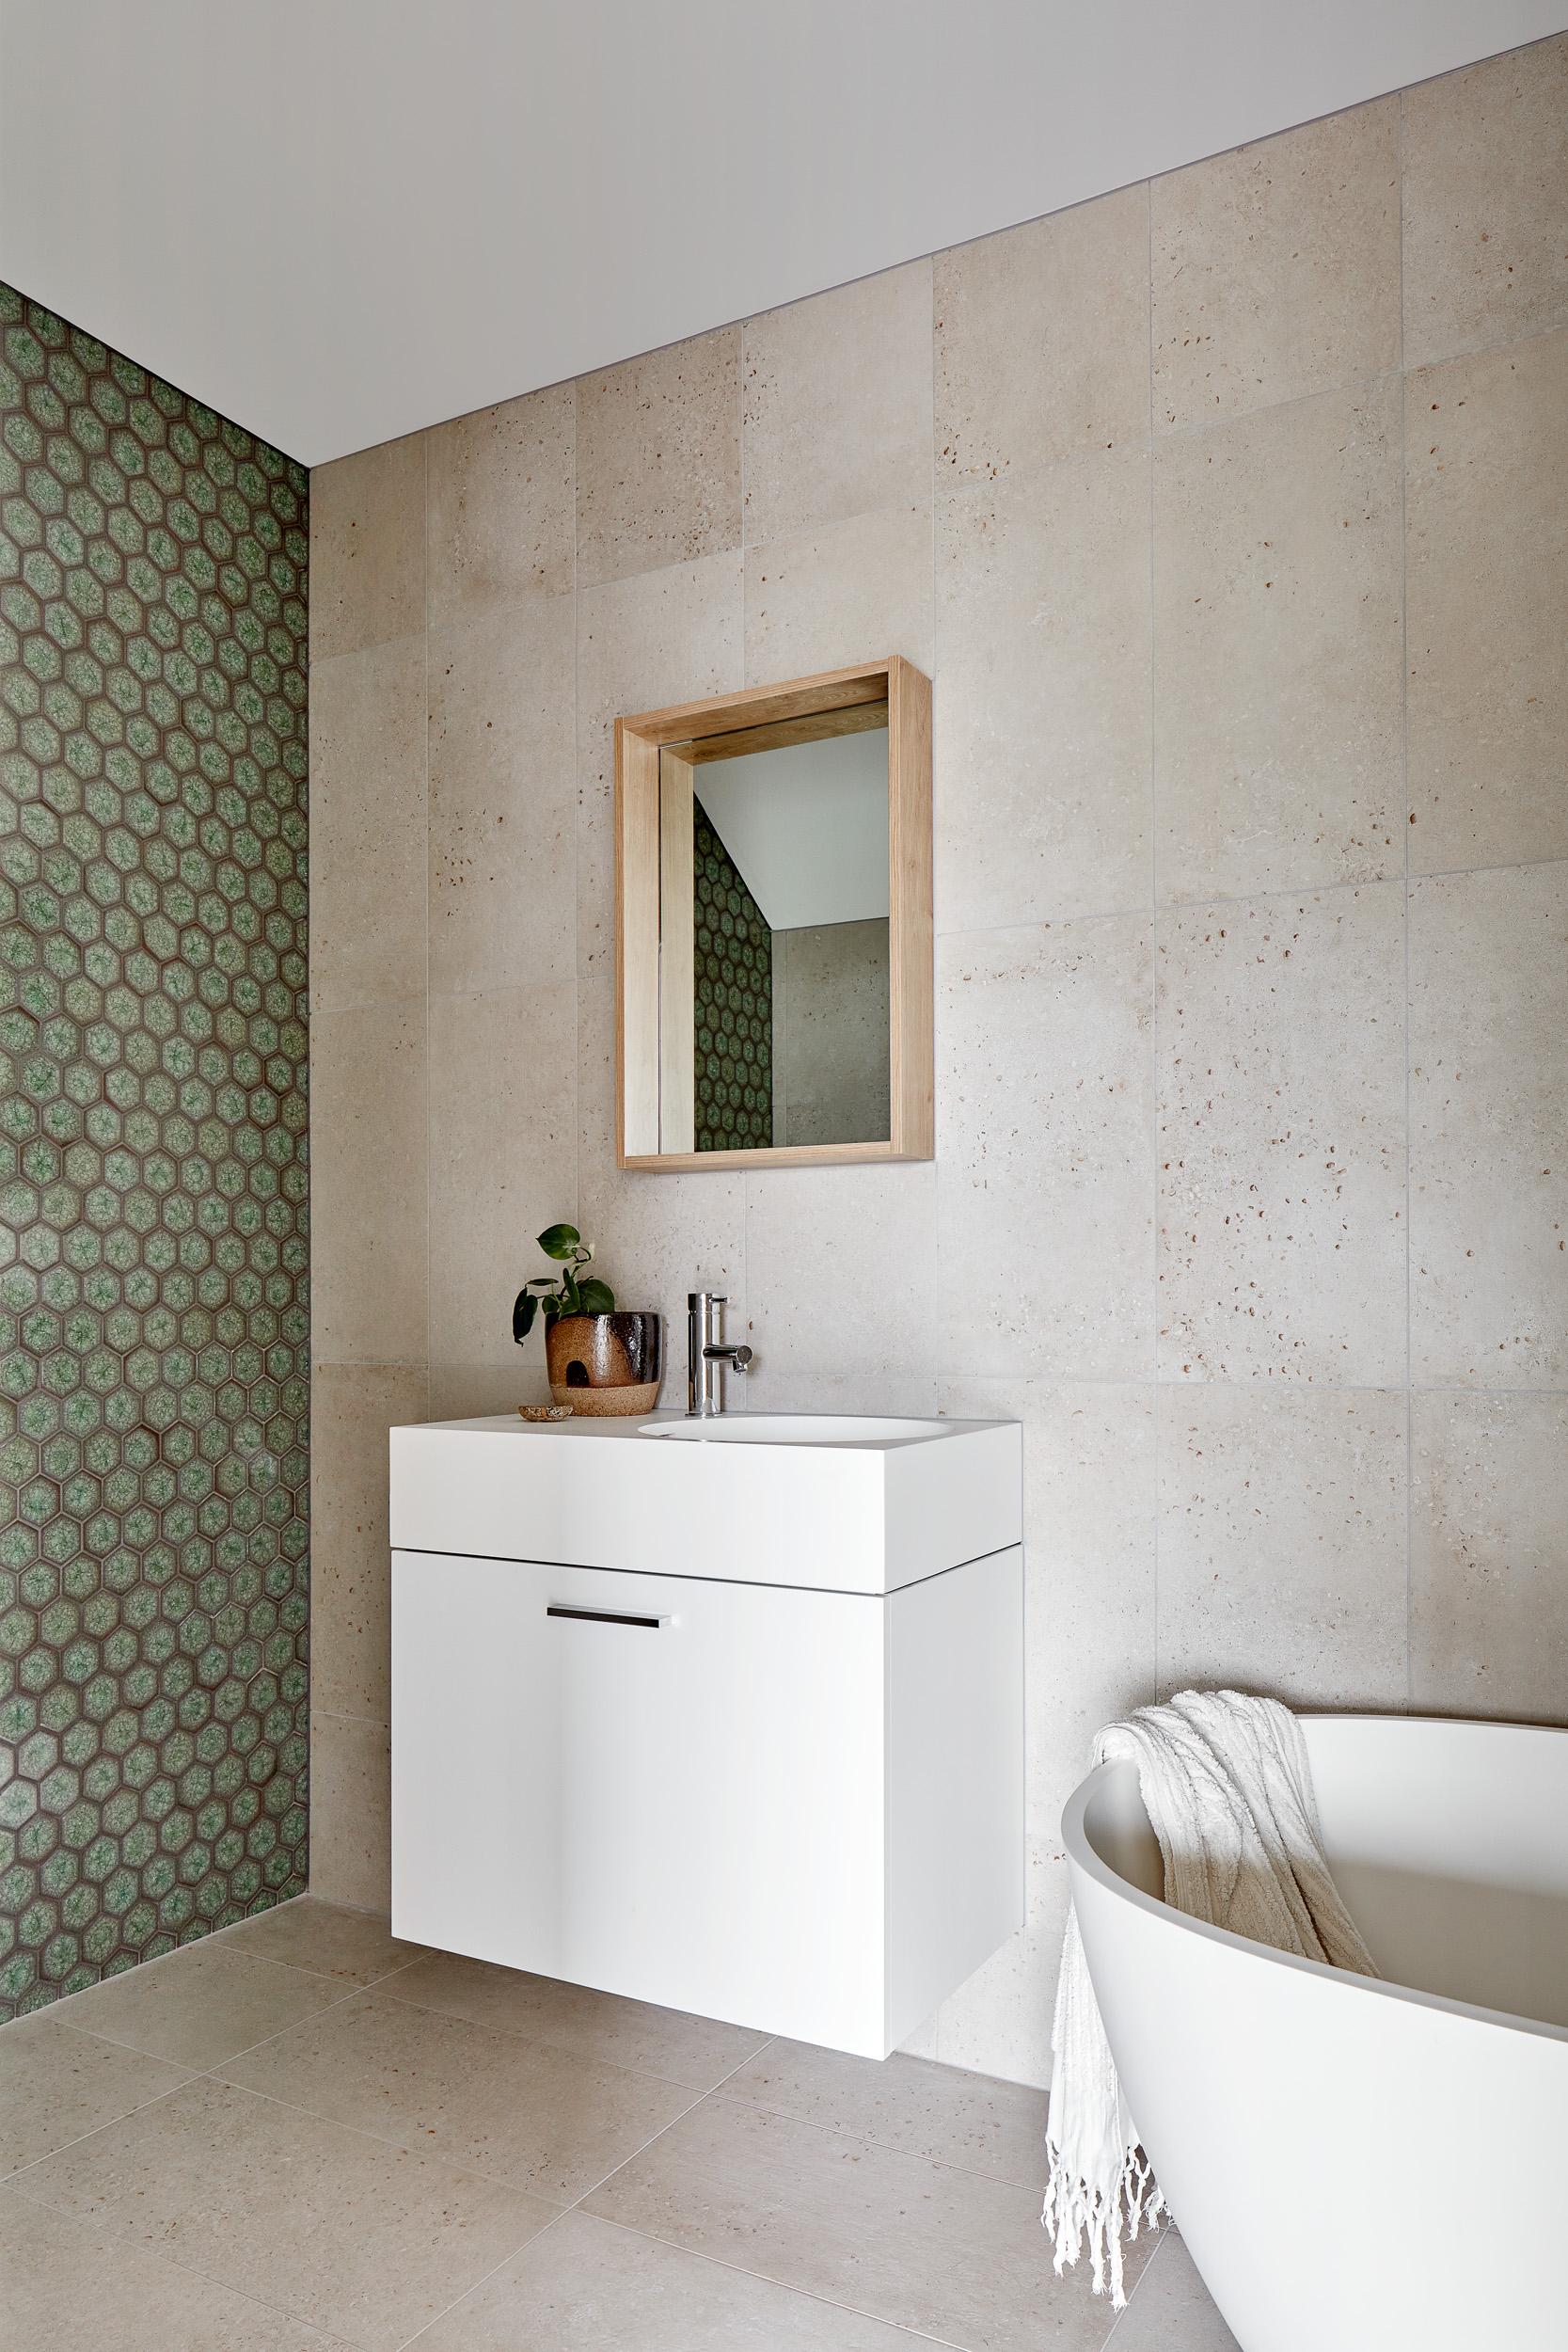 Custom Glazed Tiles with Bath